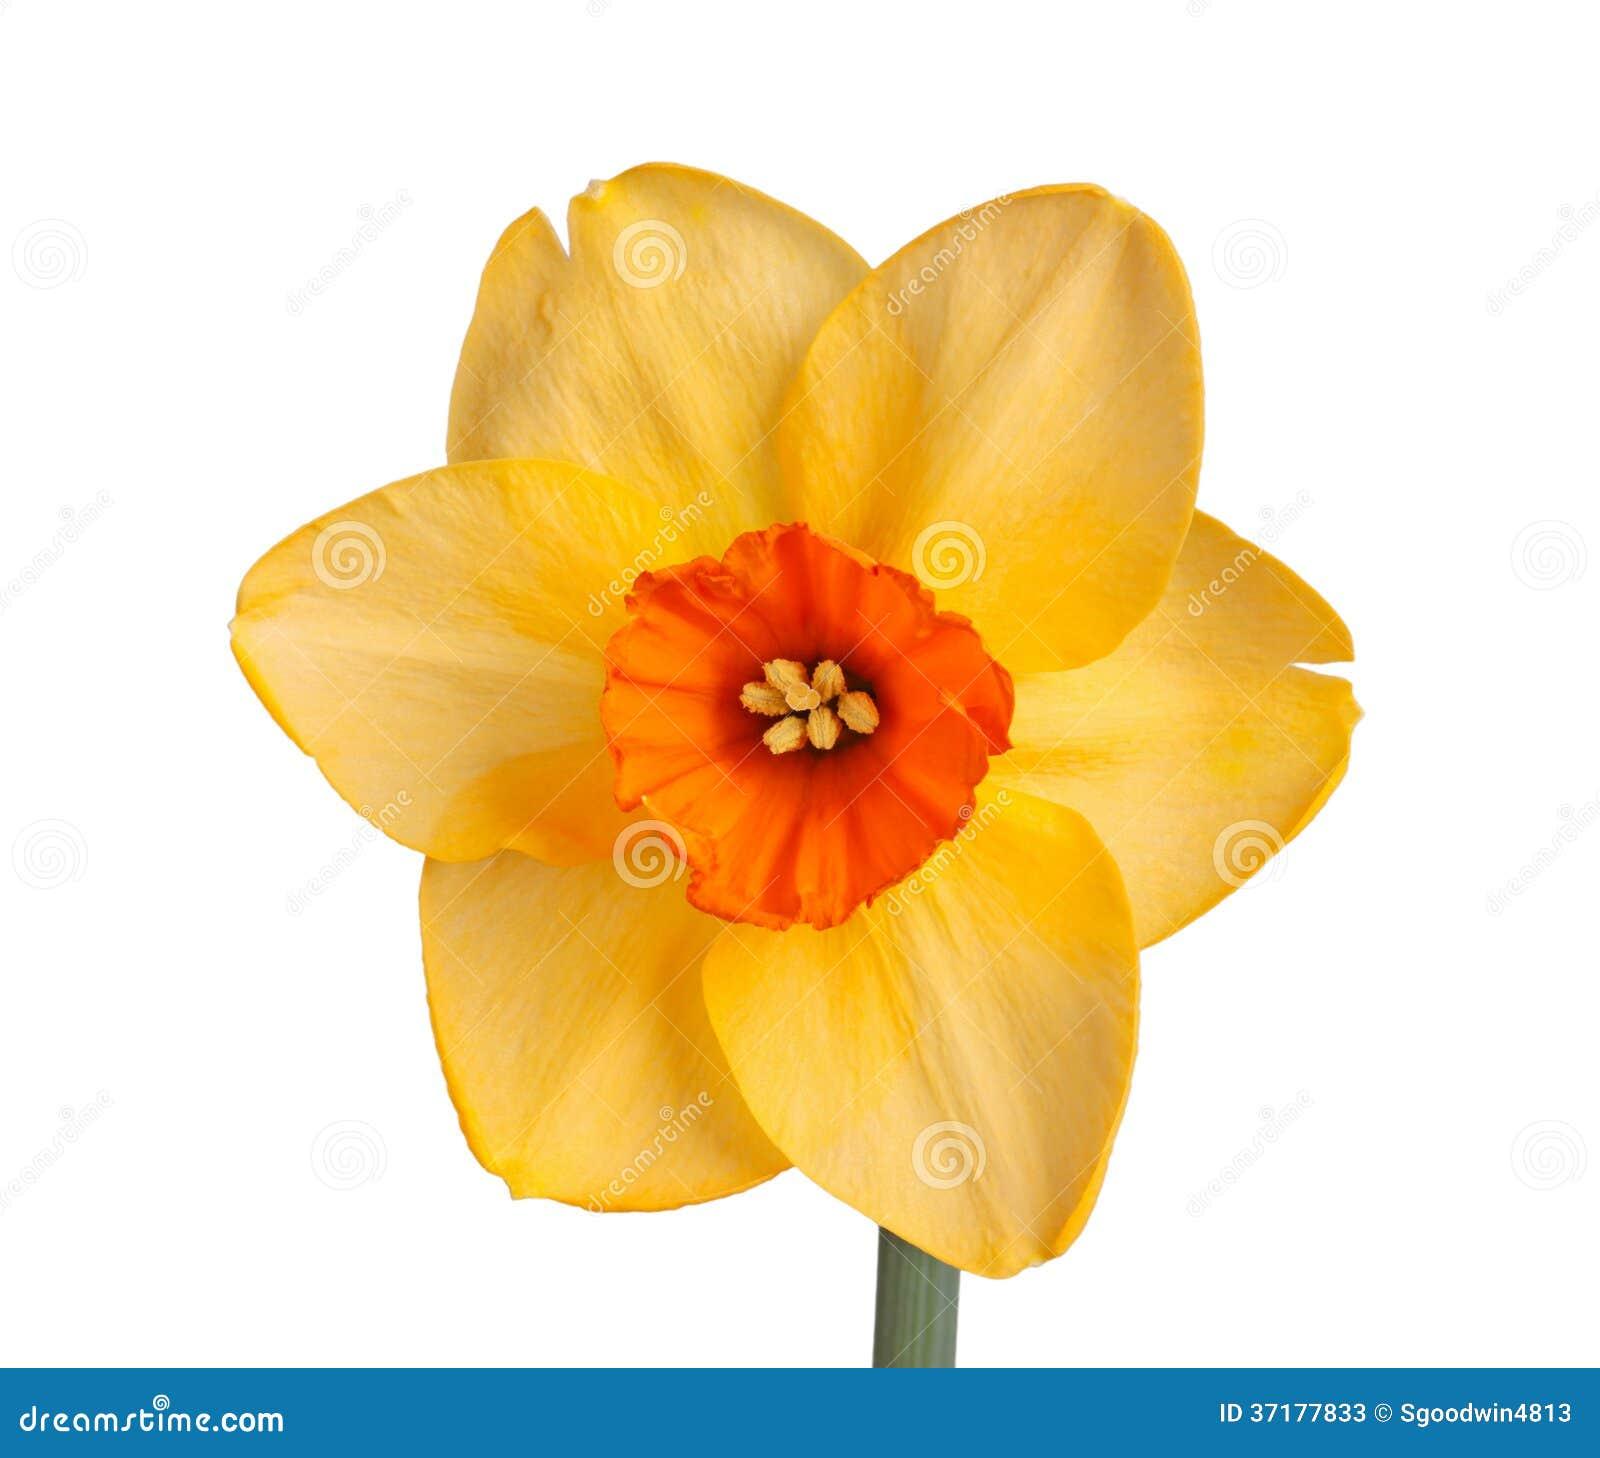 Single flower of a daffodil cultivar against a white background single flower of a daffodil cultivar against a white background mightylinksfo